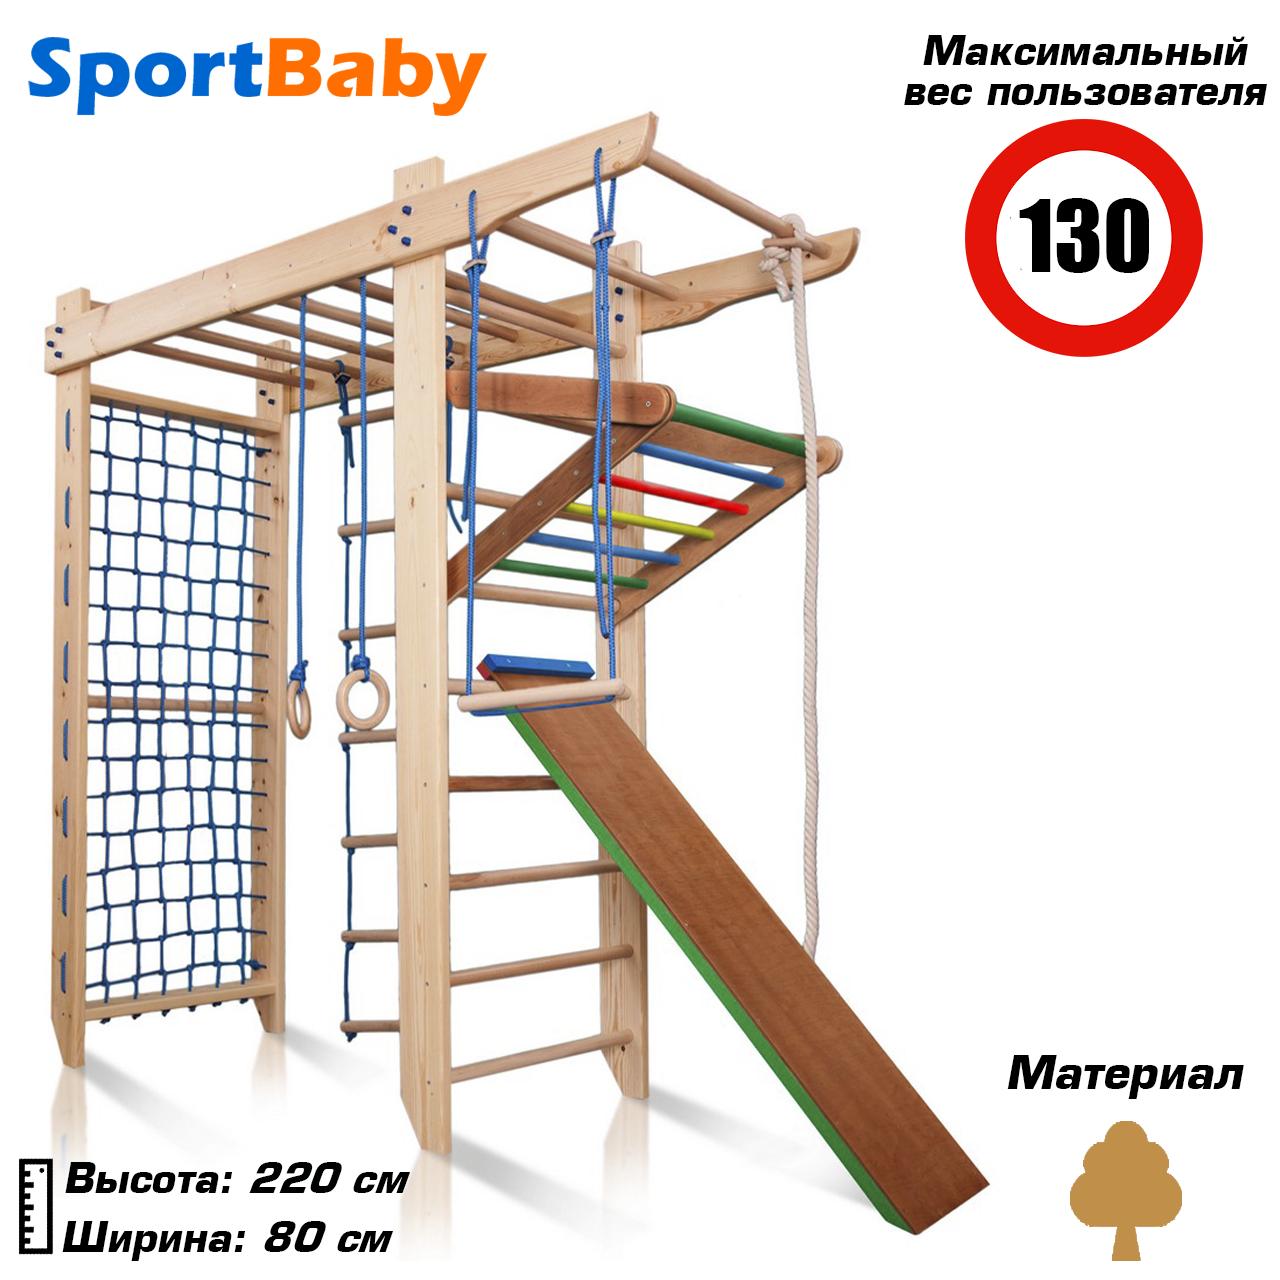 Детский спортивный уголок с рукоходом «Спартак-220»